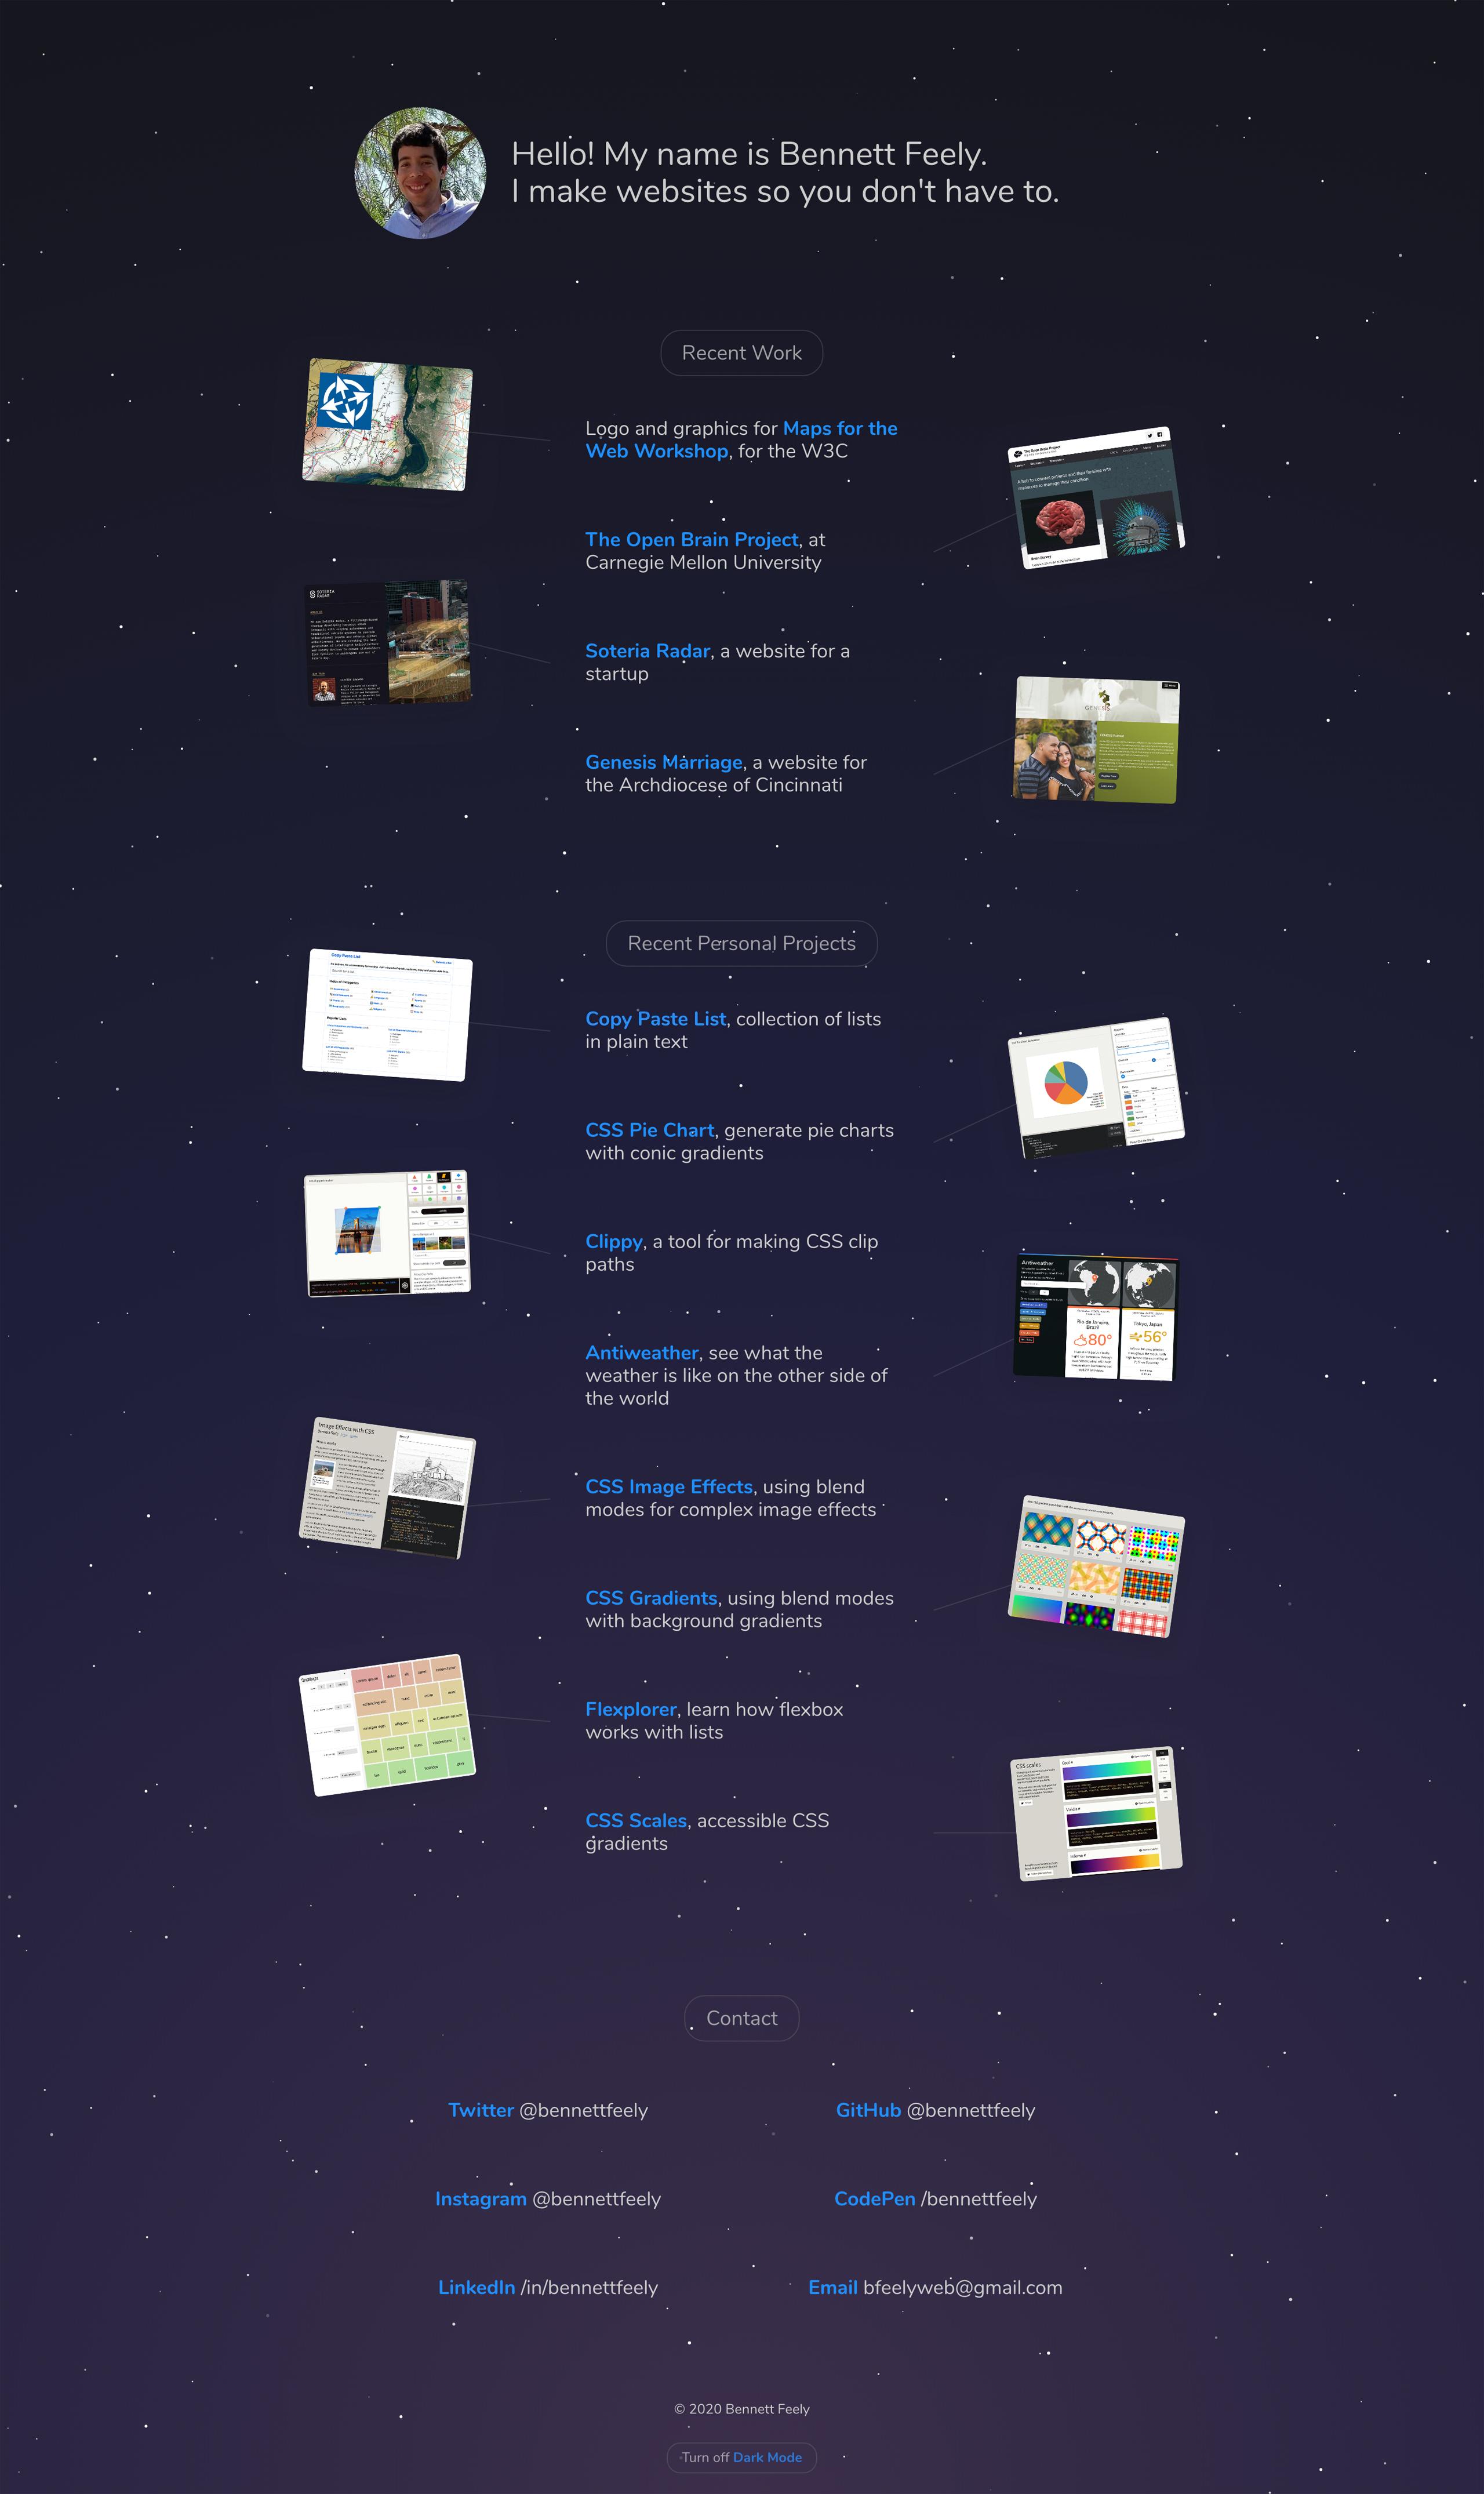 Bennett Feely Website Screenshot